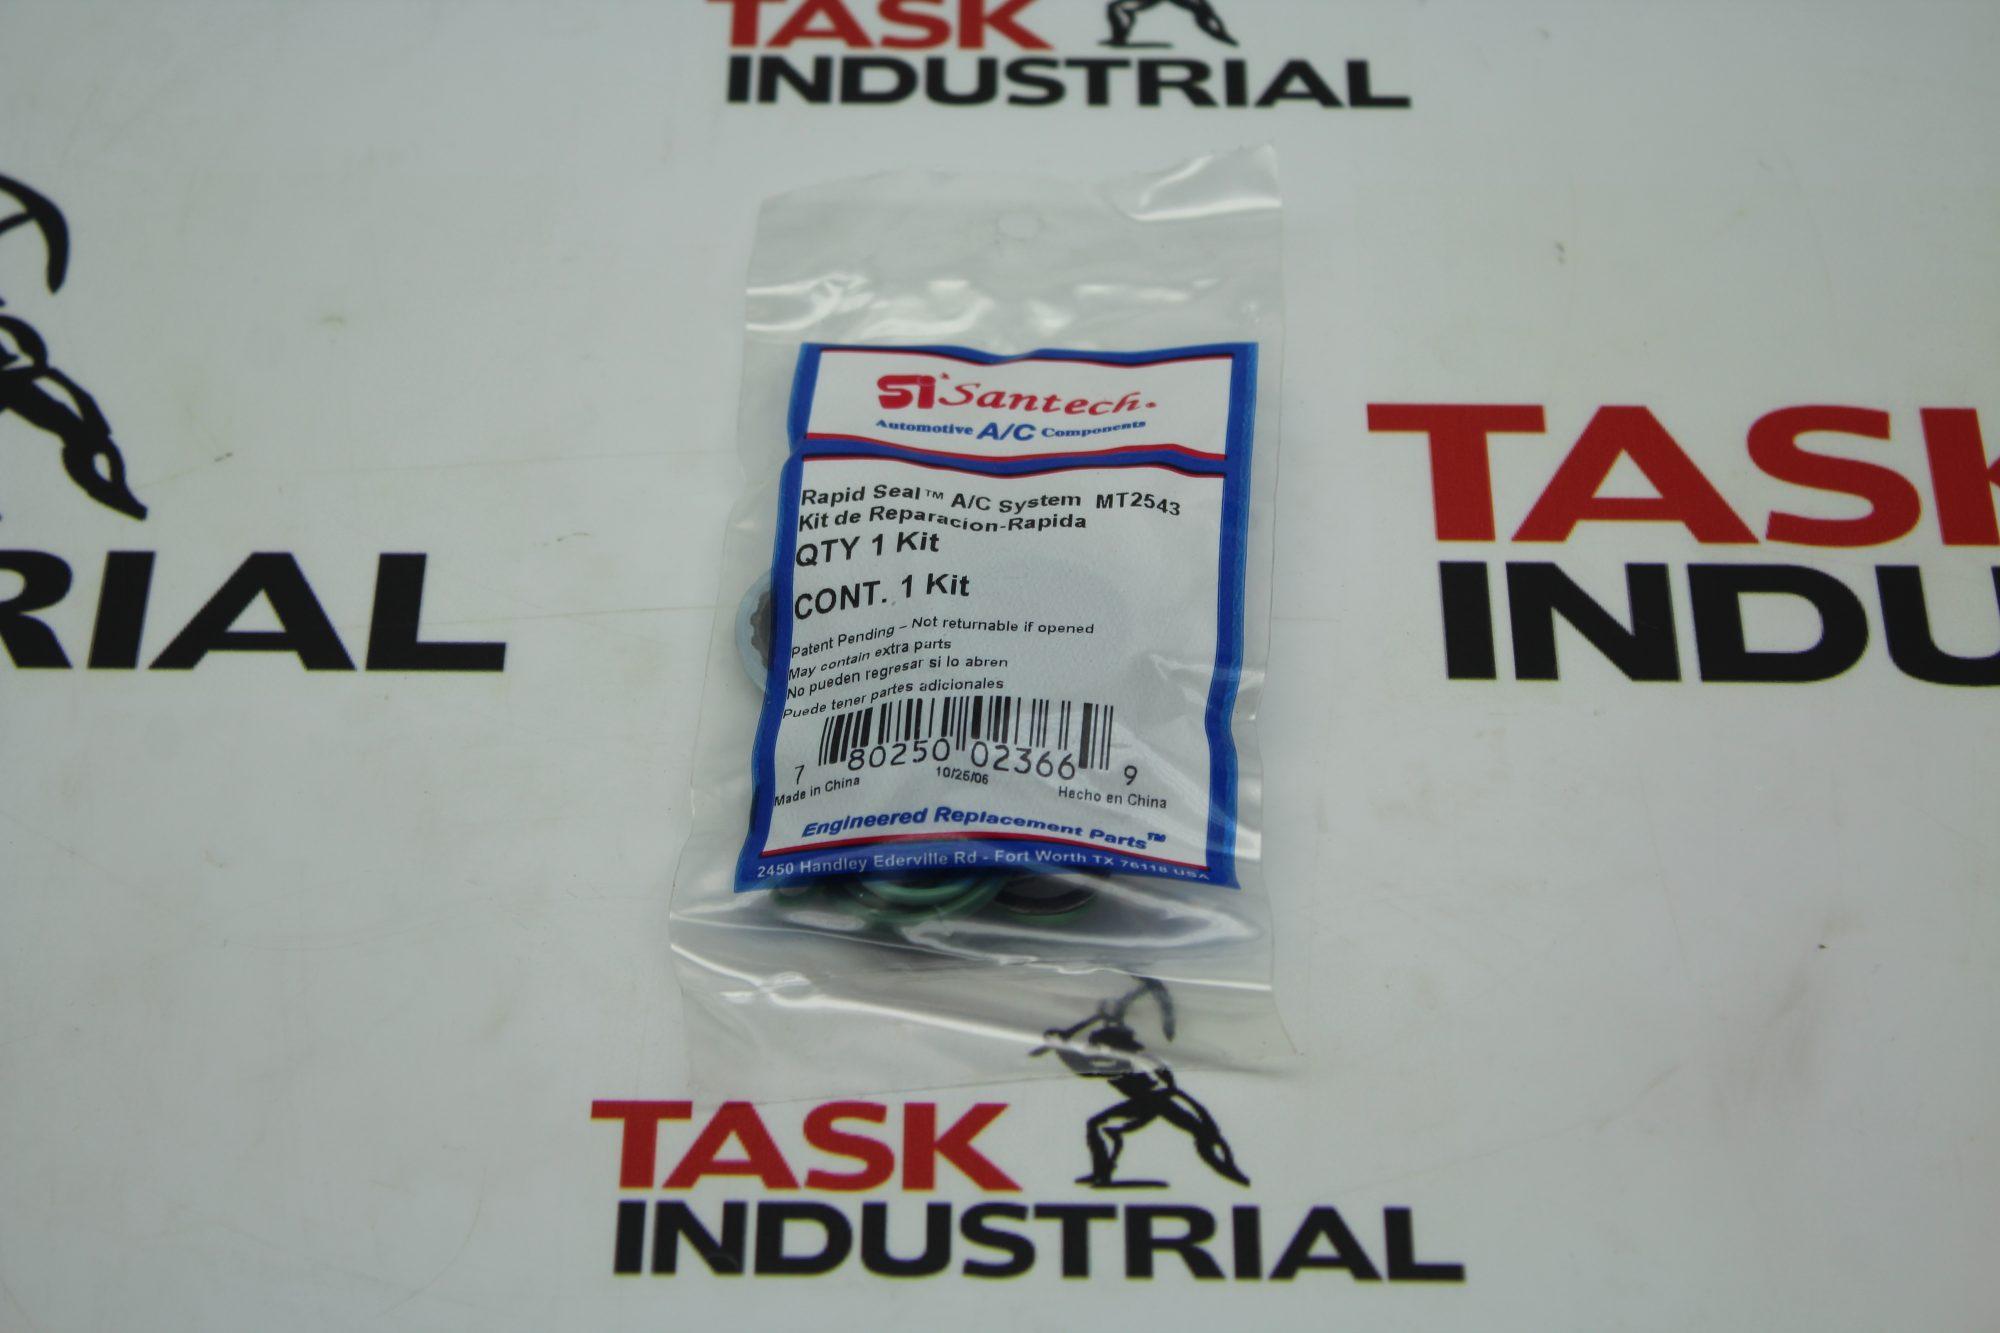 Santech MT2543 Rapid Seal A/C System Kit